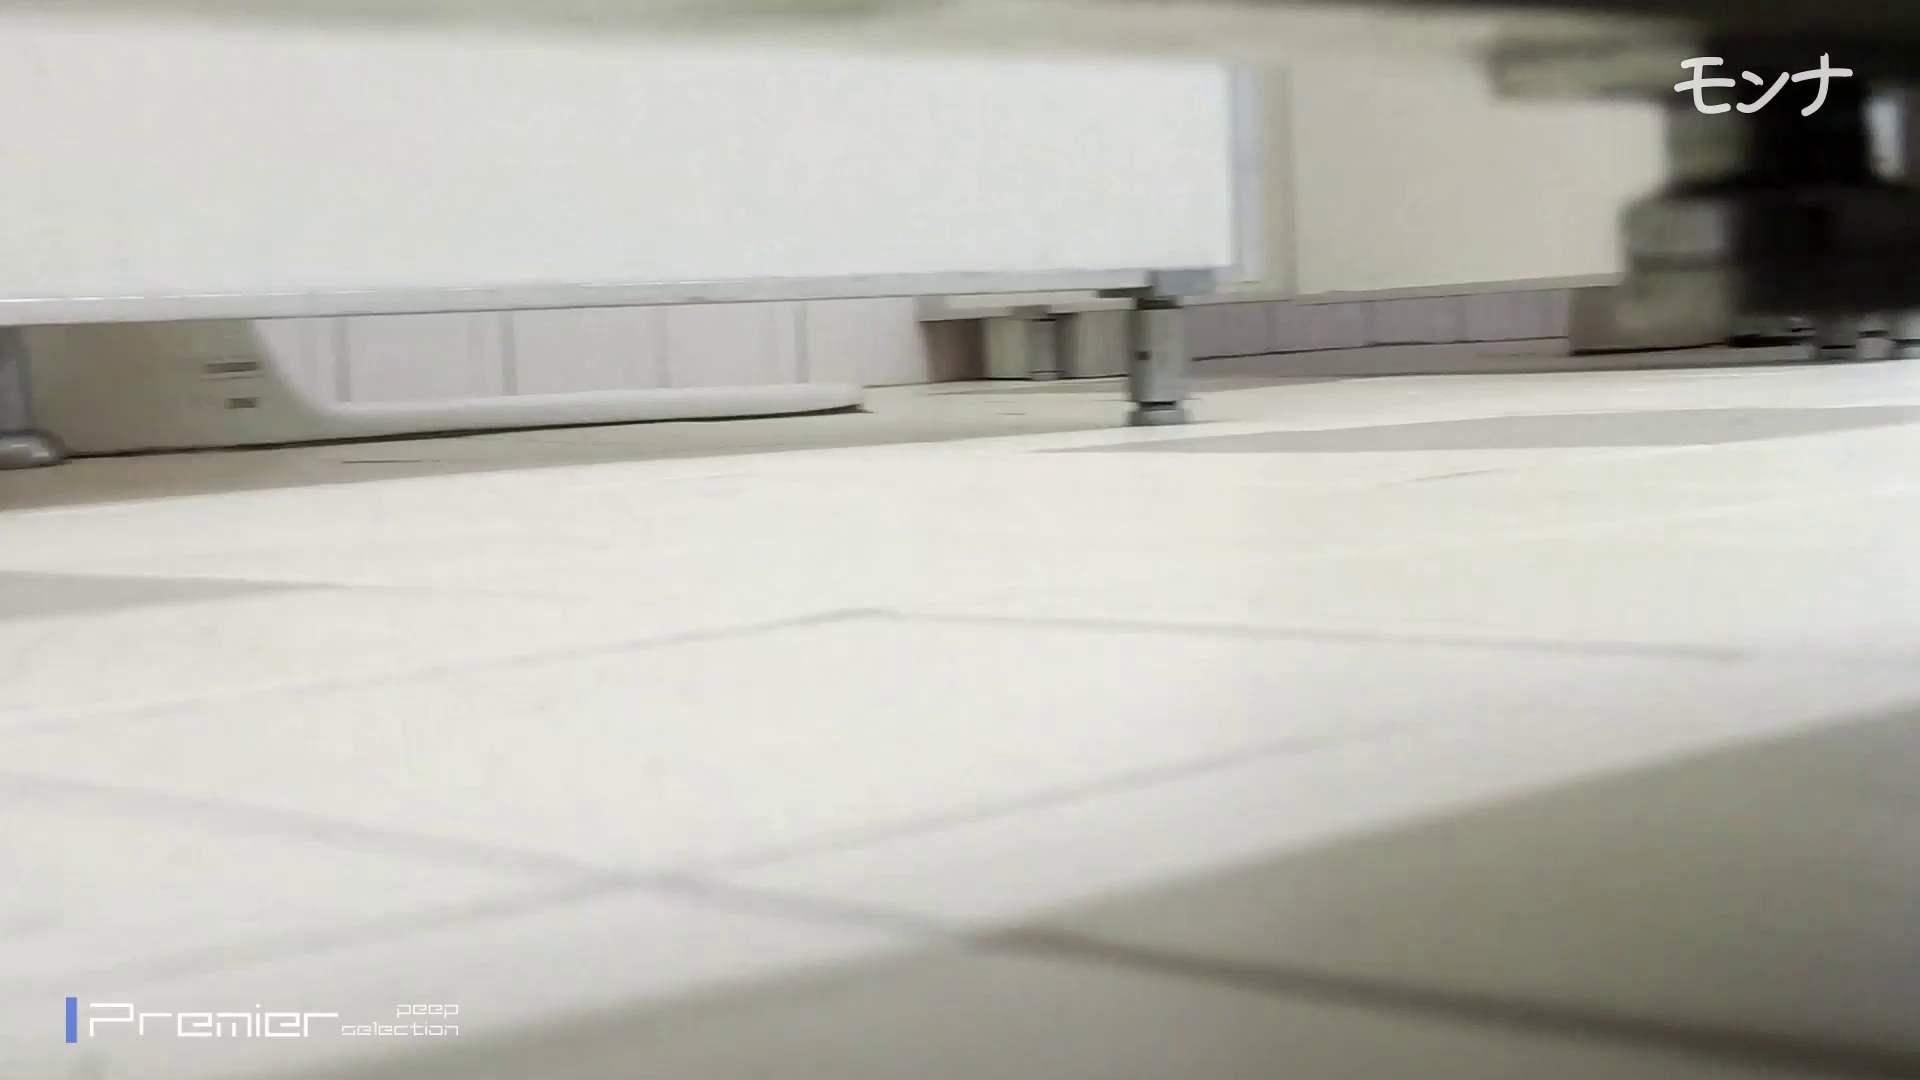 無修正おまんこ動画 美しい日本の未来 No.55 普通の子たちの日常調長身あり 怪盗ジョーカー